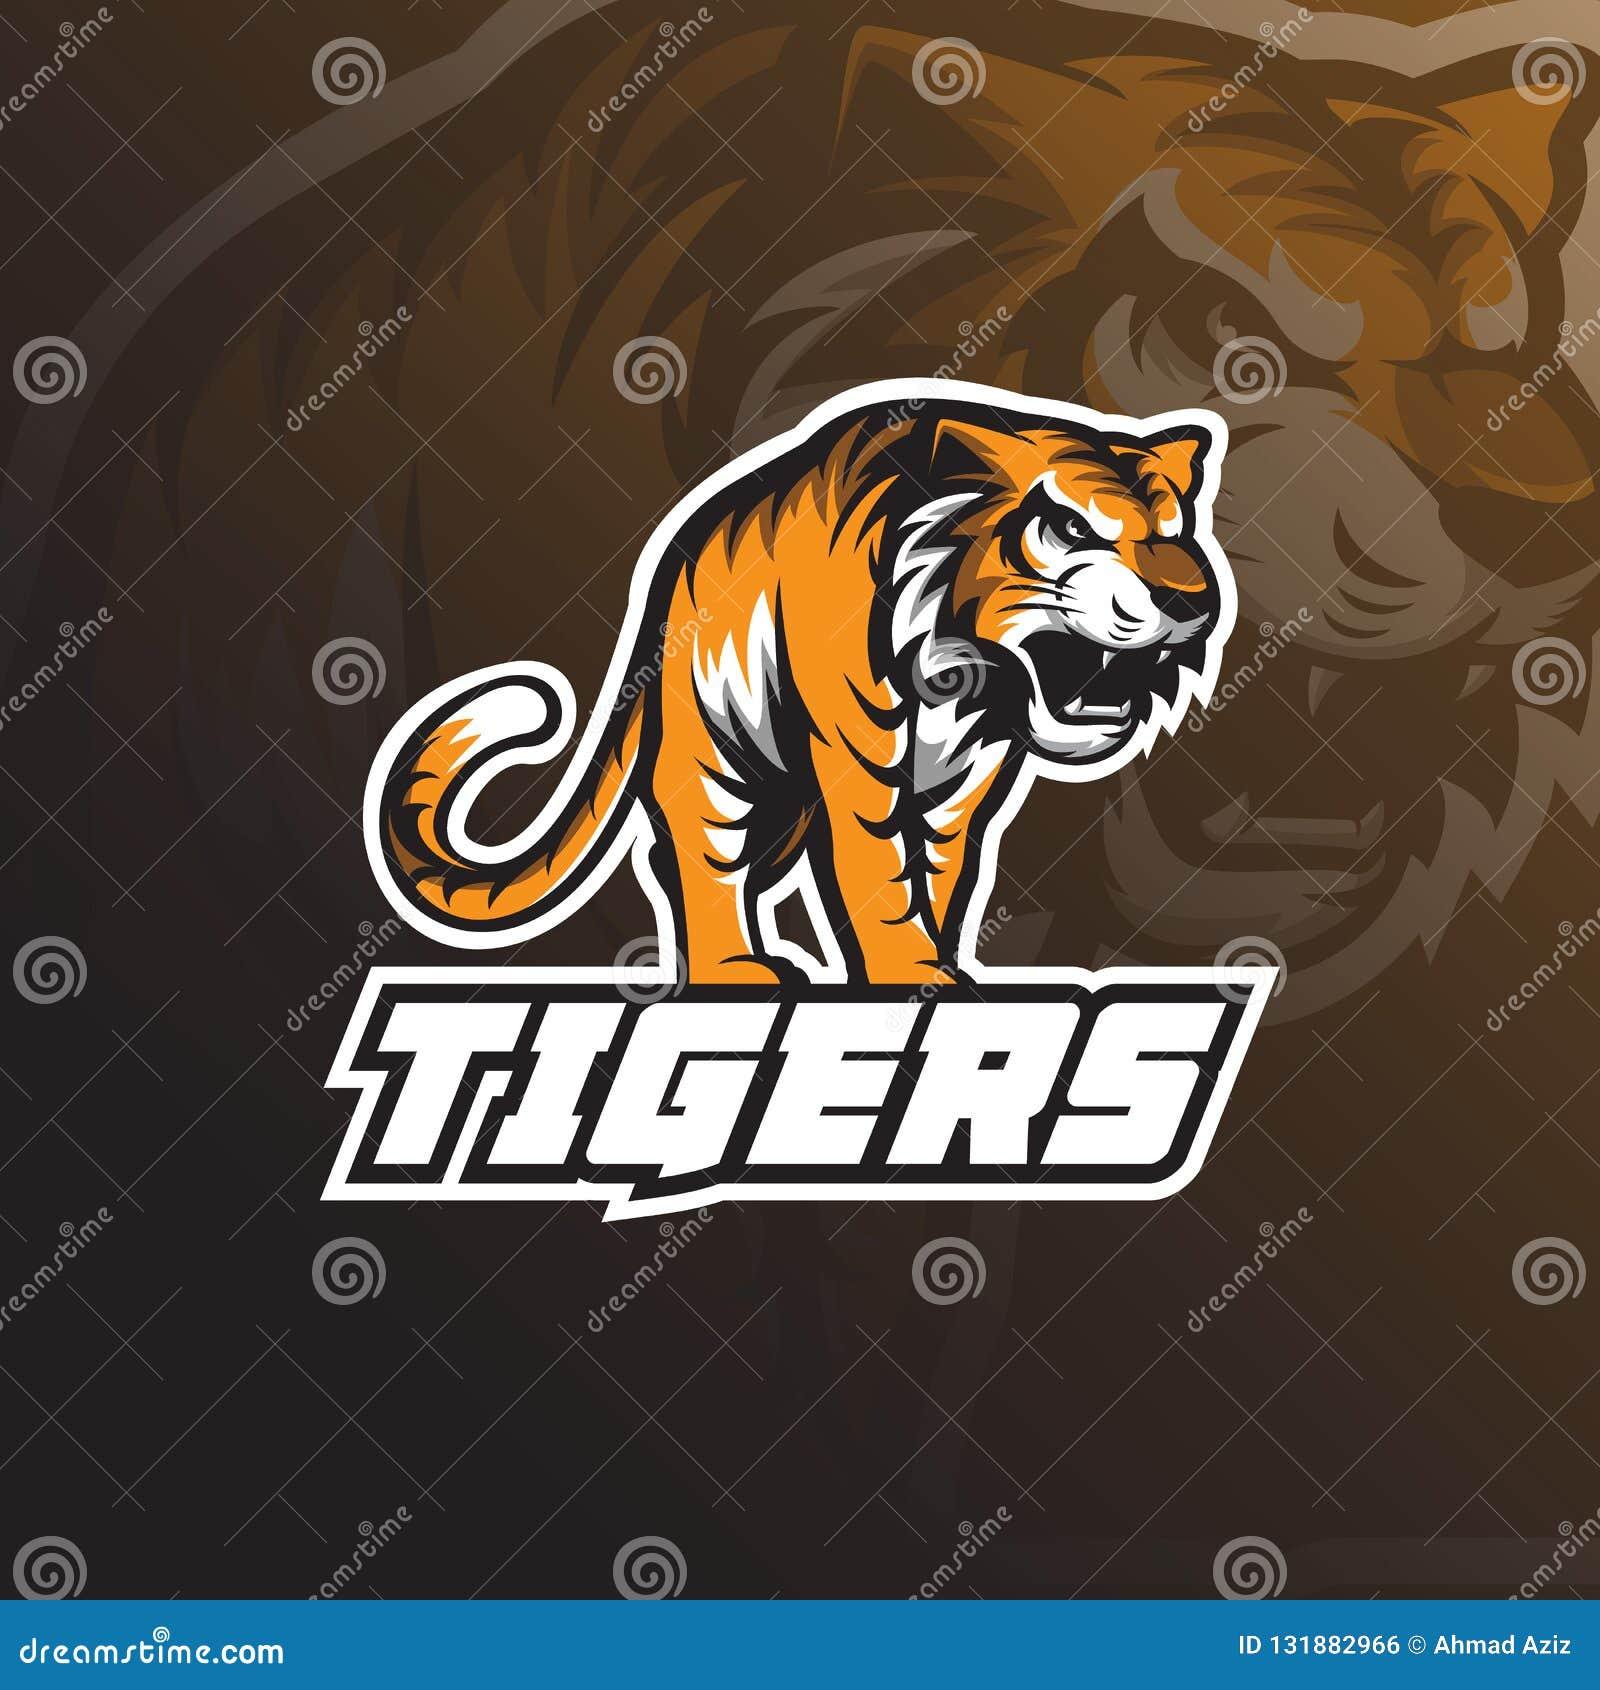 野兽老虎吉祥人商标与徽章象征概念的设计传染媒介